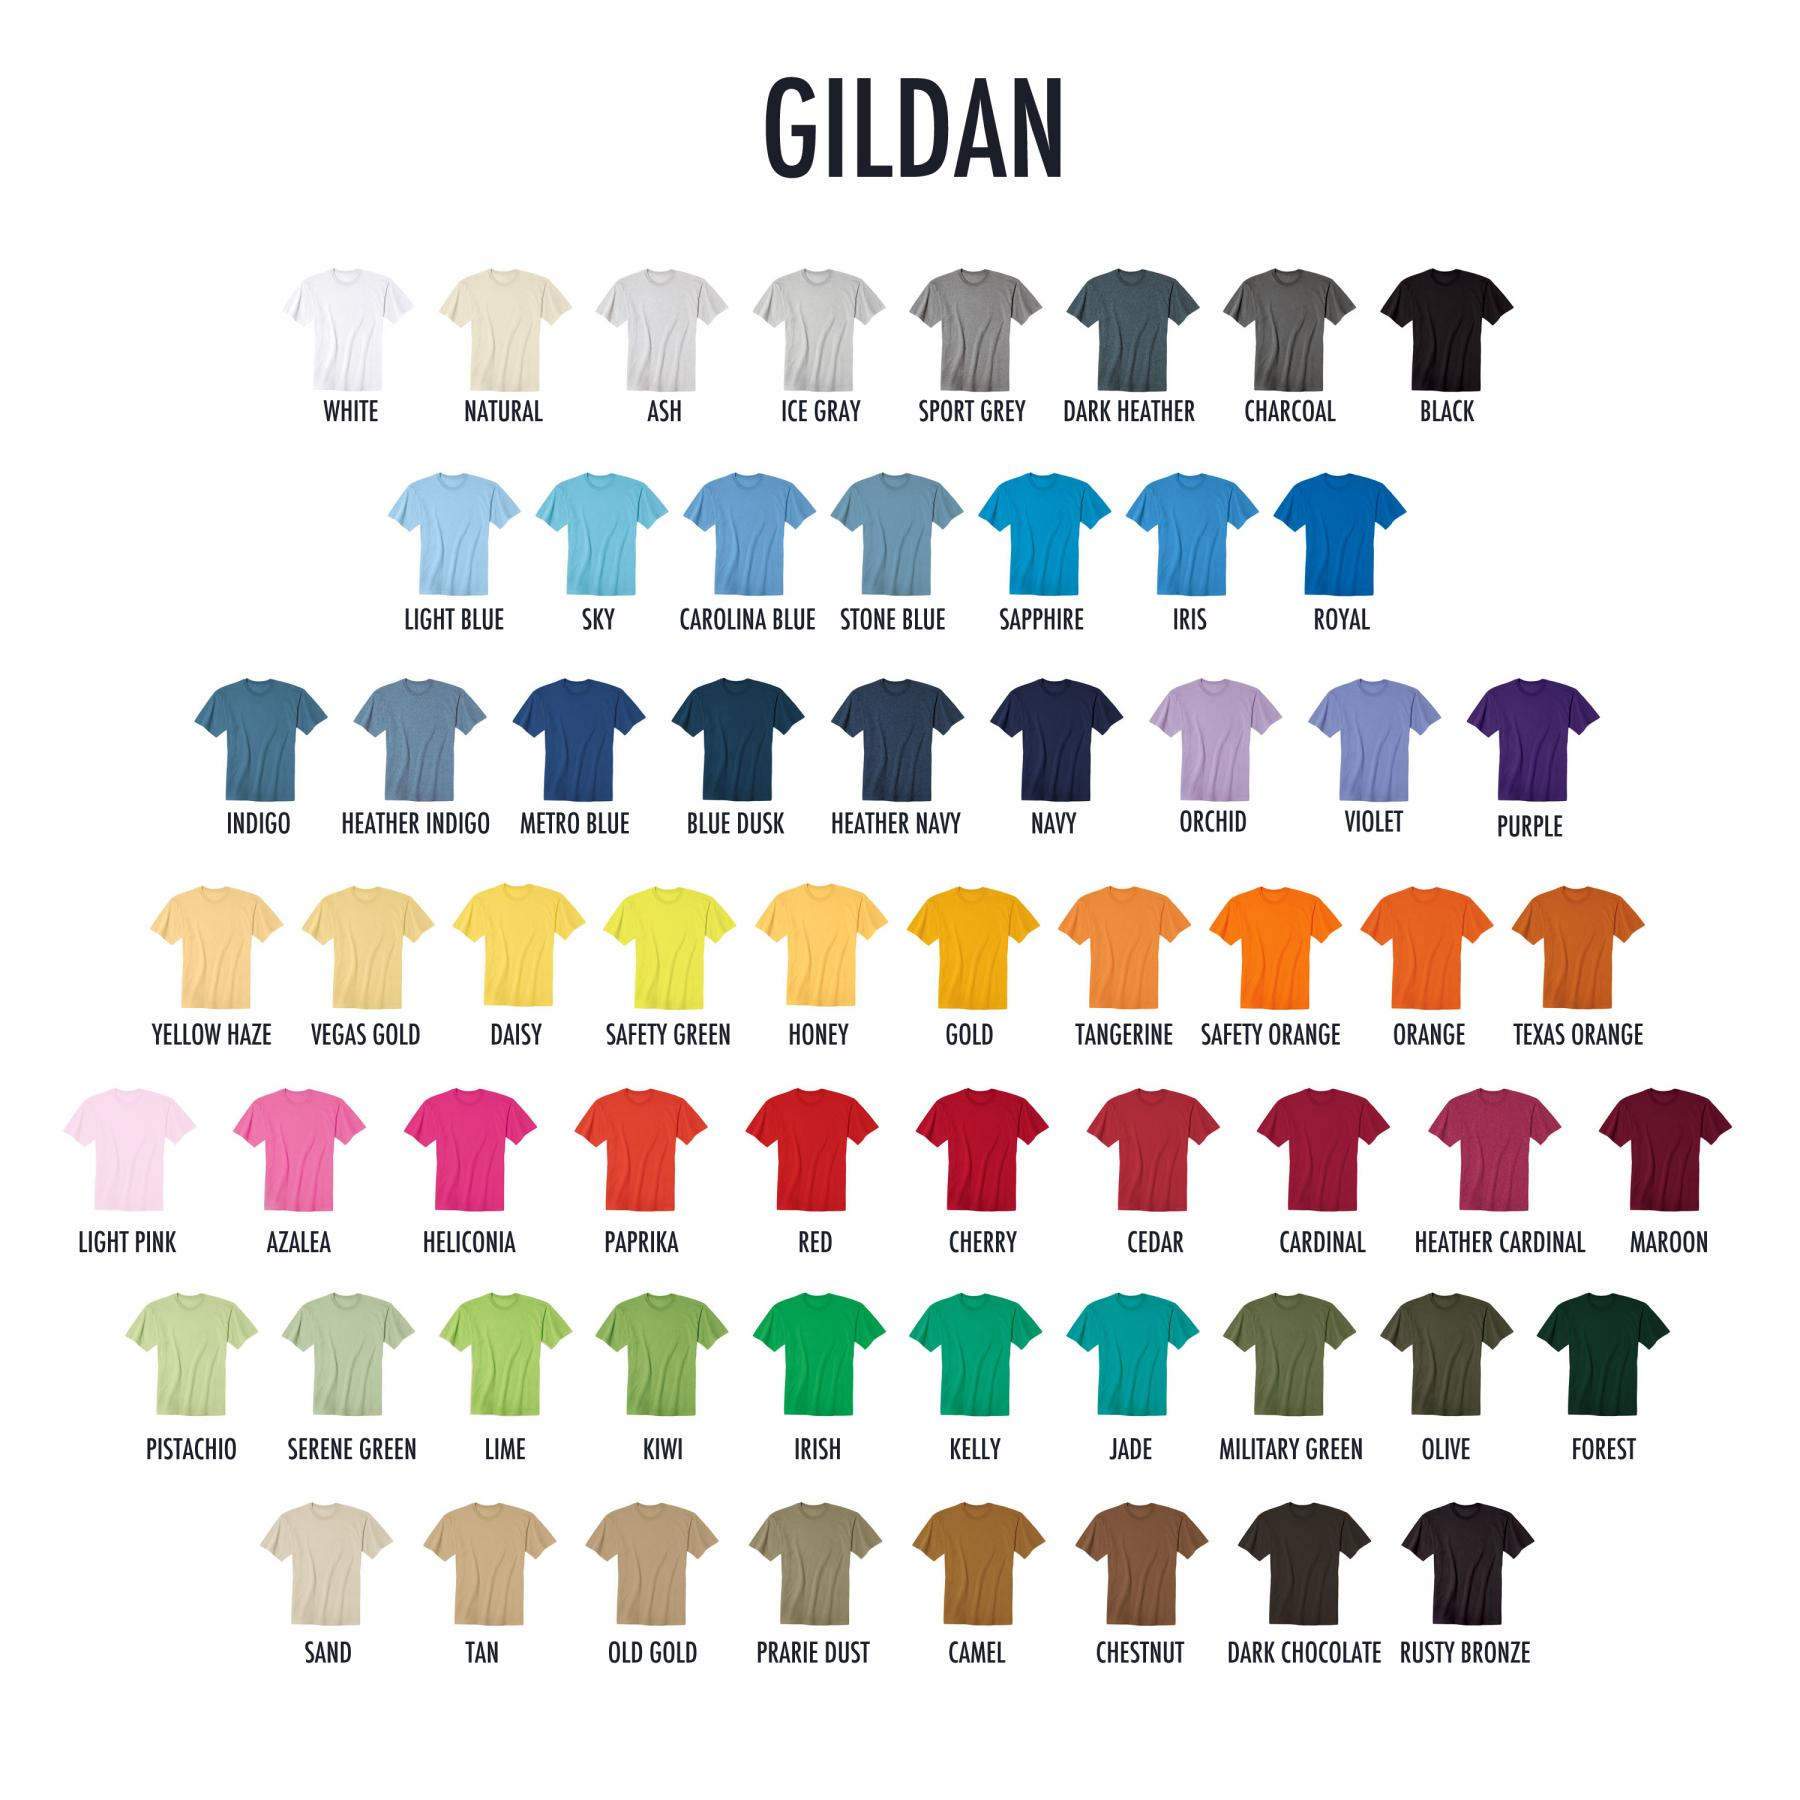 Gildan-Shirt-Colors.jpg